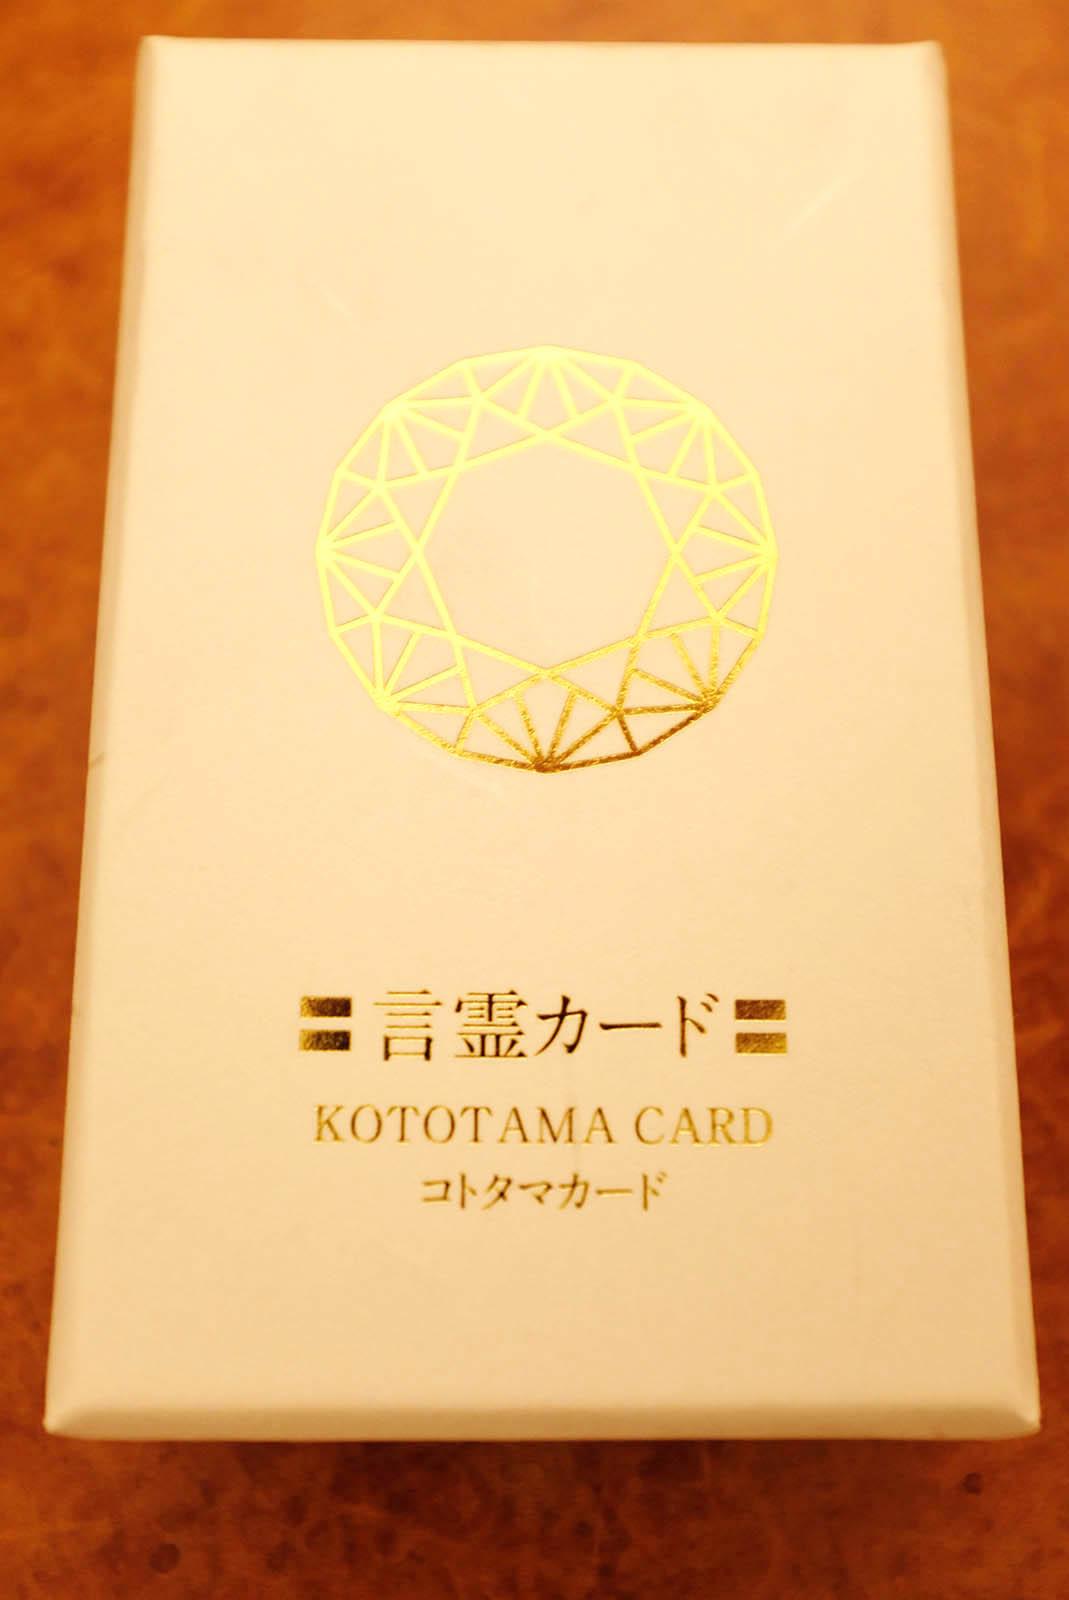 言霊カード・ことたまカード外観|「言霊カード」は登録商標です。